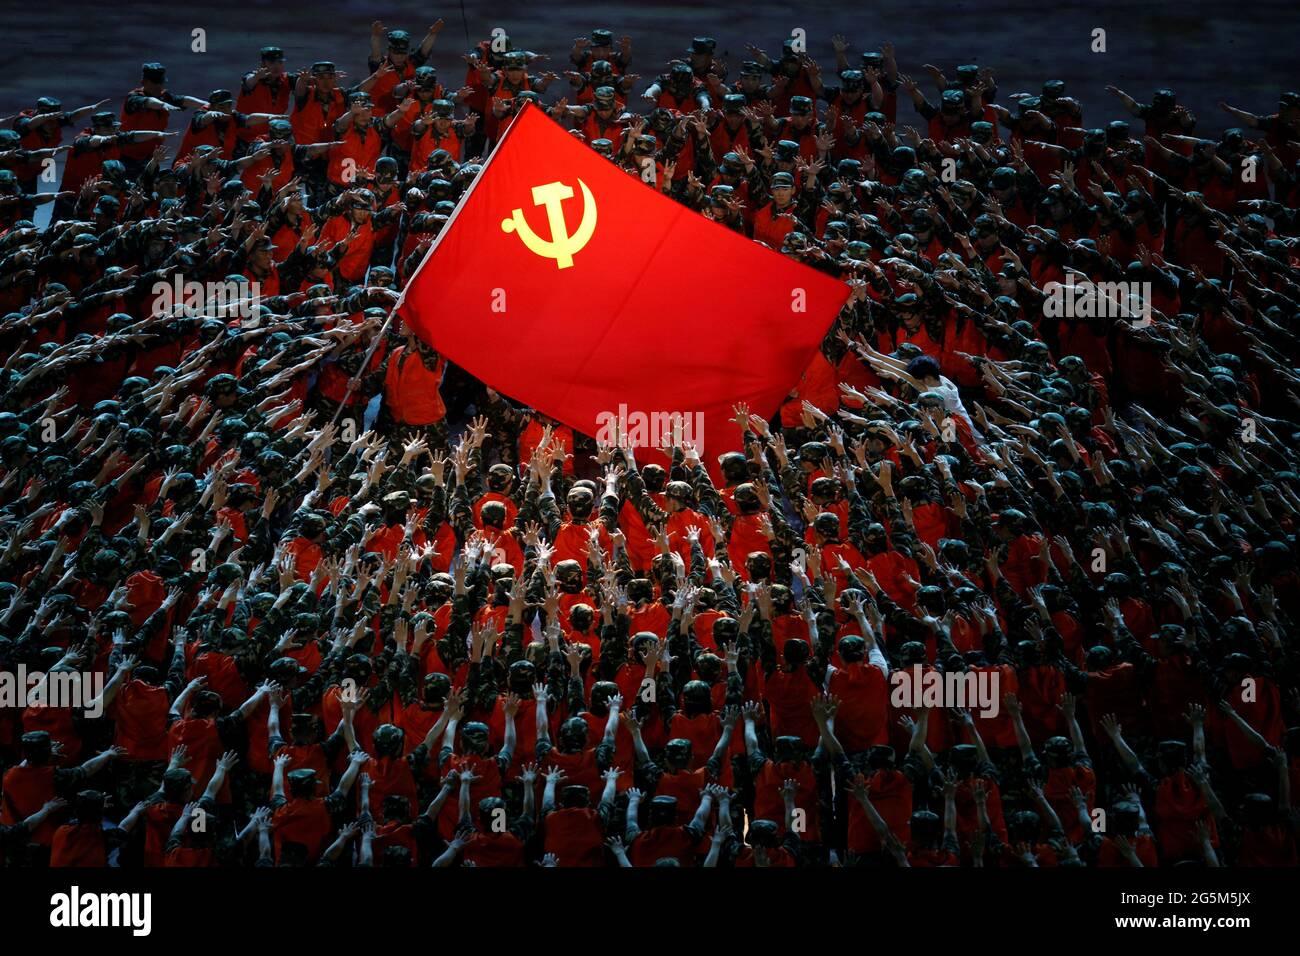 Gli artisti si esibiscono intorno alla bandiera rossa durante uno spettacolo commemorativo del centesimo anniversario della fondazione del Partito comunista cinese allo Stadio Nazionale di Pechino, Cina, 28 giugno 2021. REUTERS/Thomas Peter Foto Stock